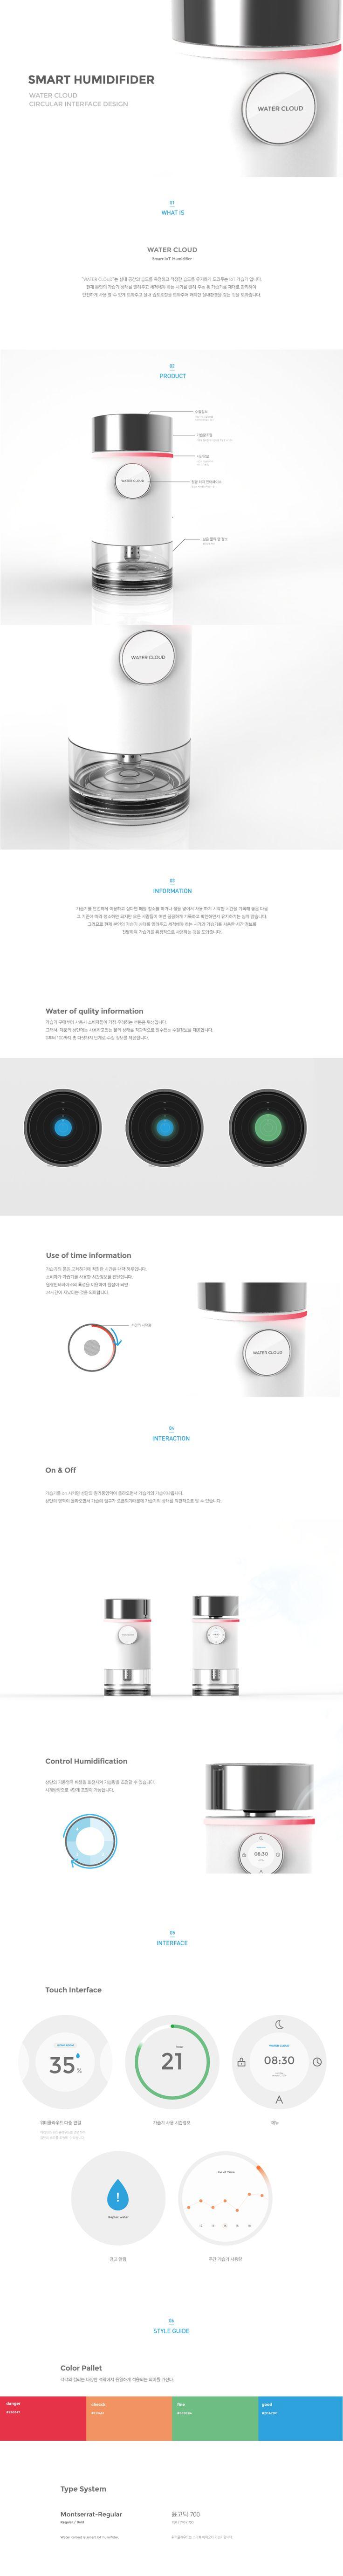 최고운   Visual Interface Design(2) 2016   Major in Digital Media Design │#hicoda │hicoda.hongik.ac.kr